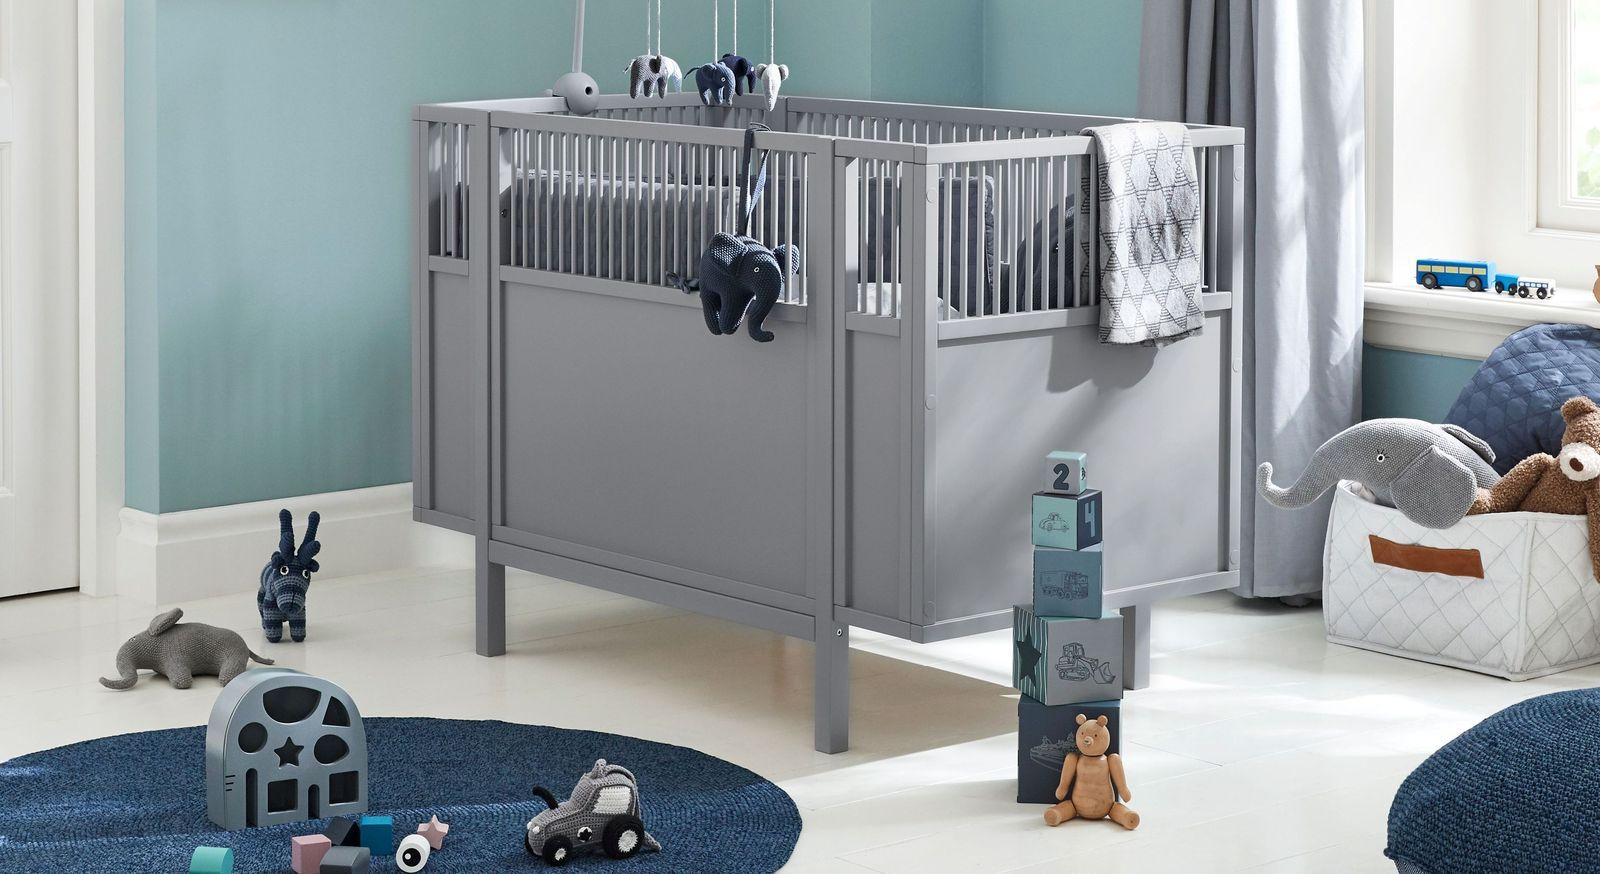 Hochwertiges LIFETIME Babybett Retro für moderne Kinderzimmer